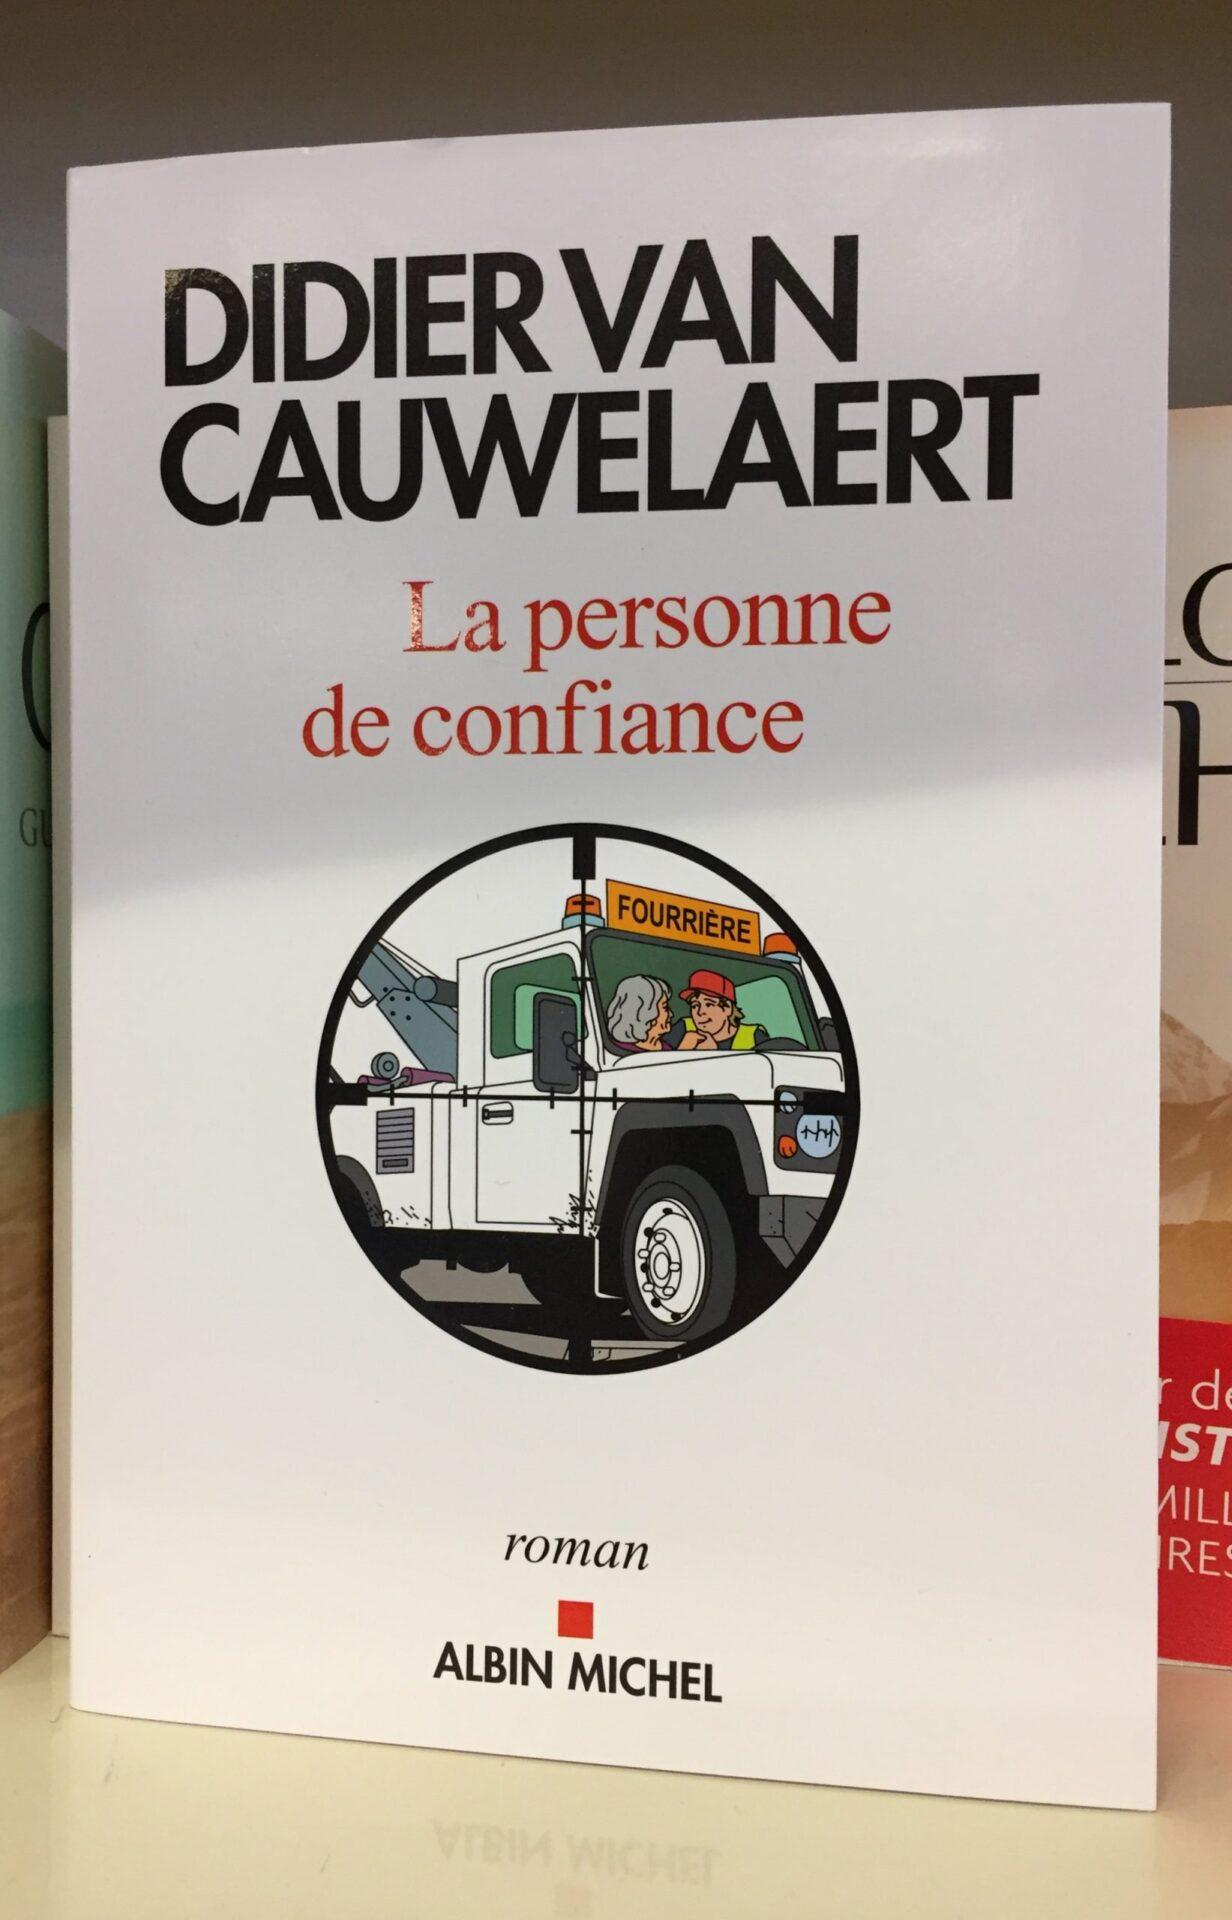 Lectures de vacances ou Didier Van Cauwelaert.